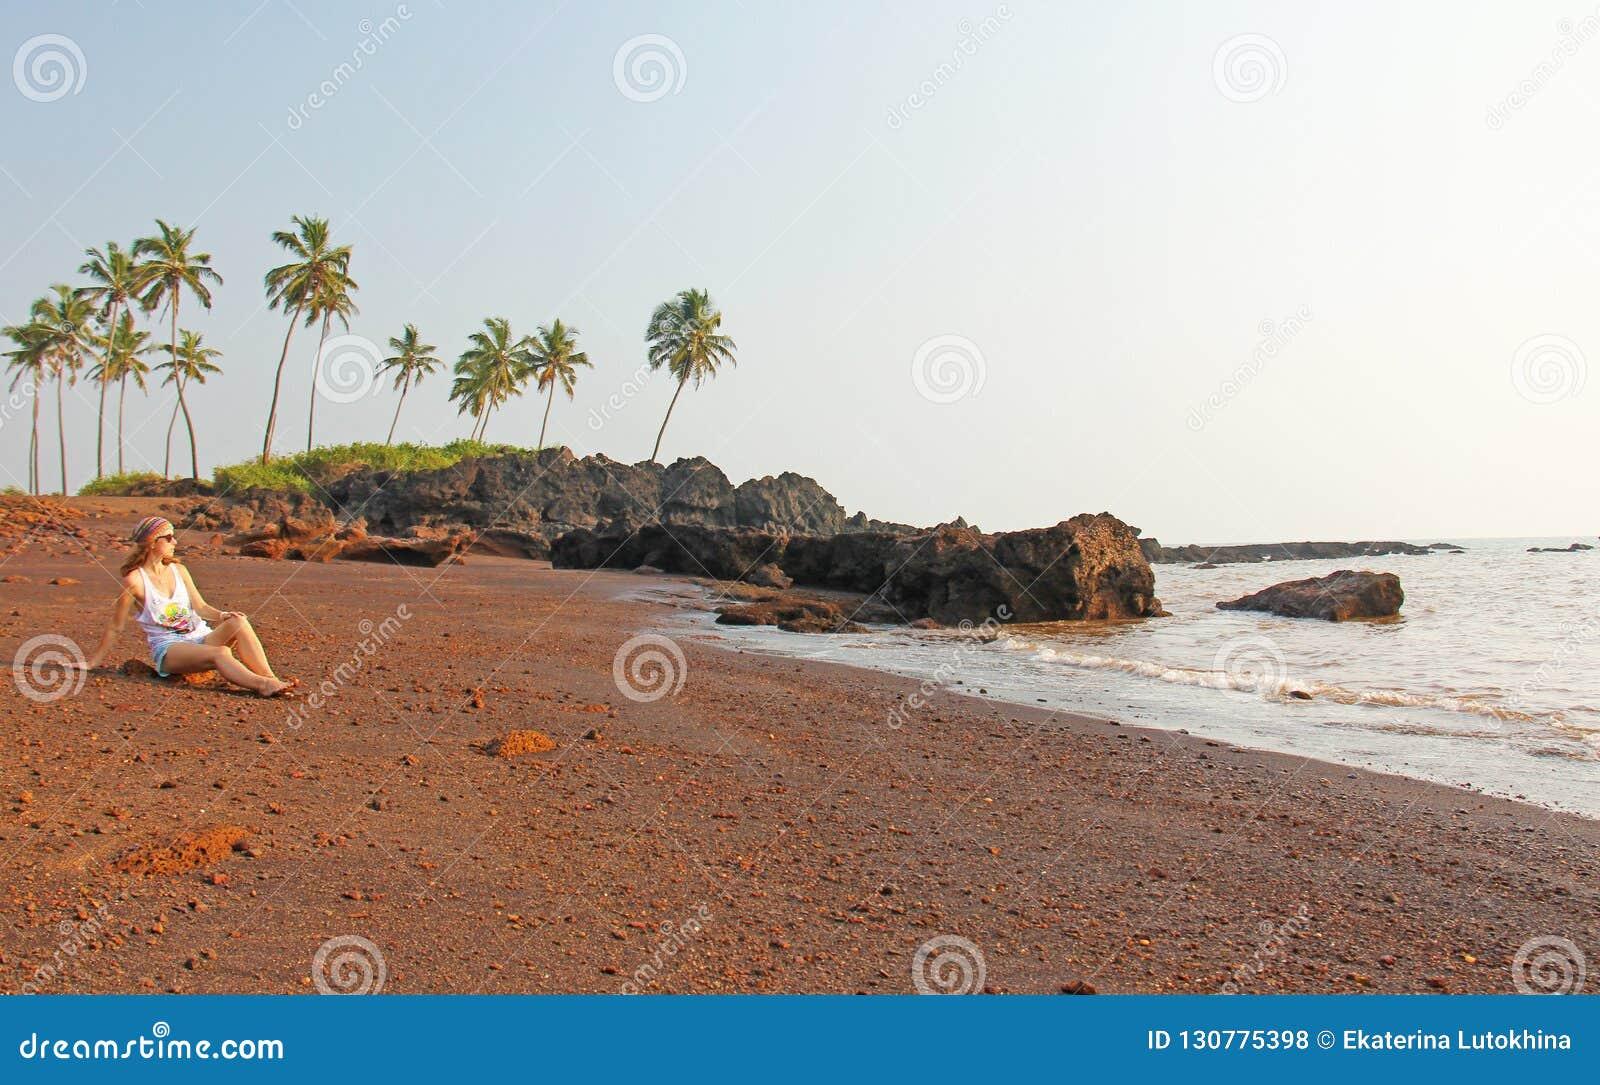 Plaża z czarnymi drzewkami palmowymi i piaskiem Ciemnego brązu powulkaniczny piasek a